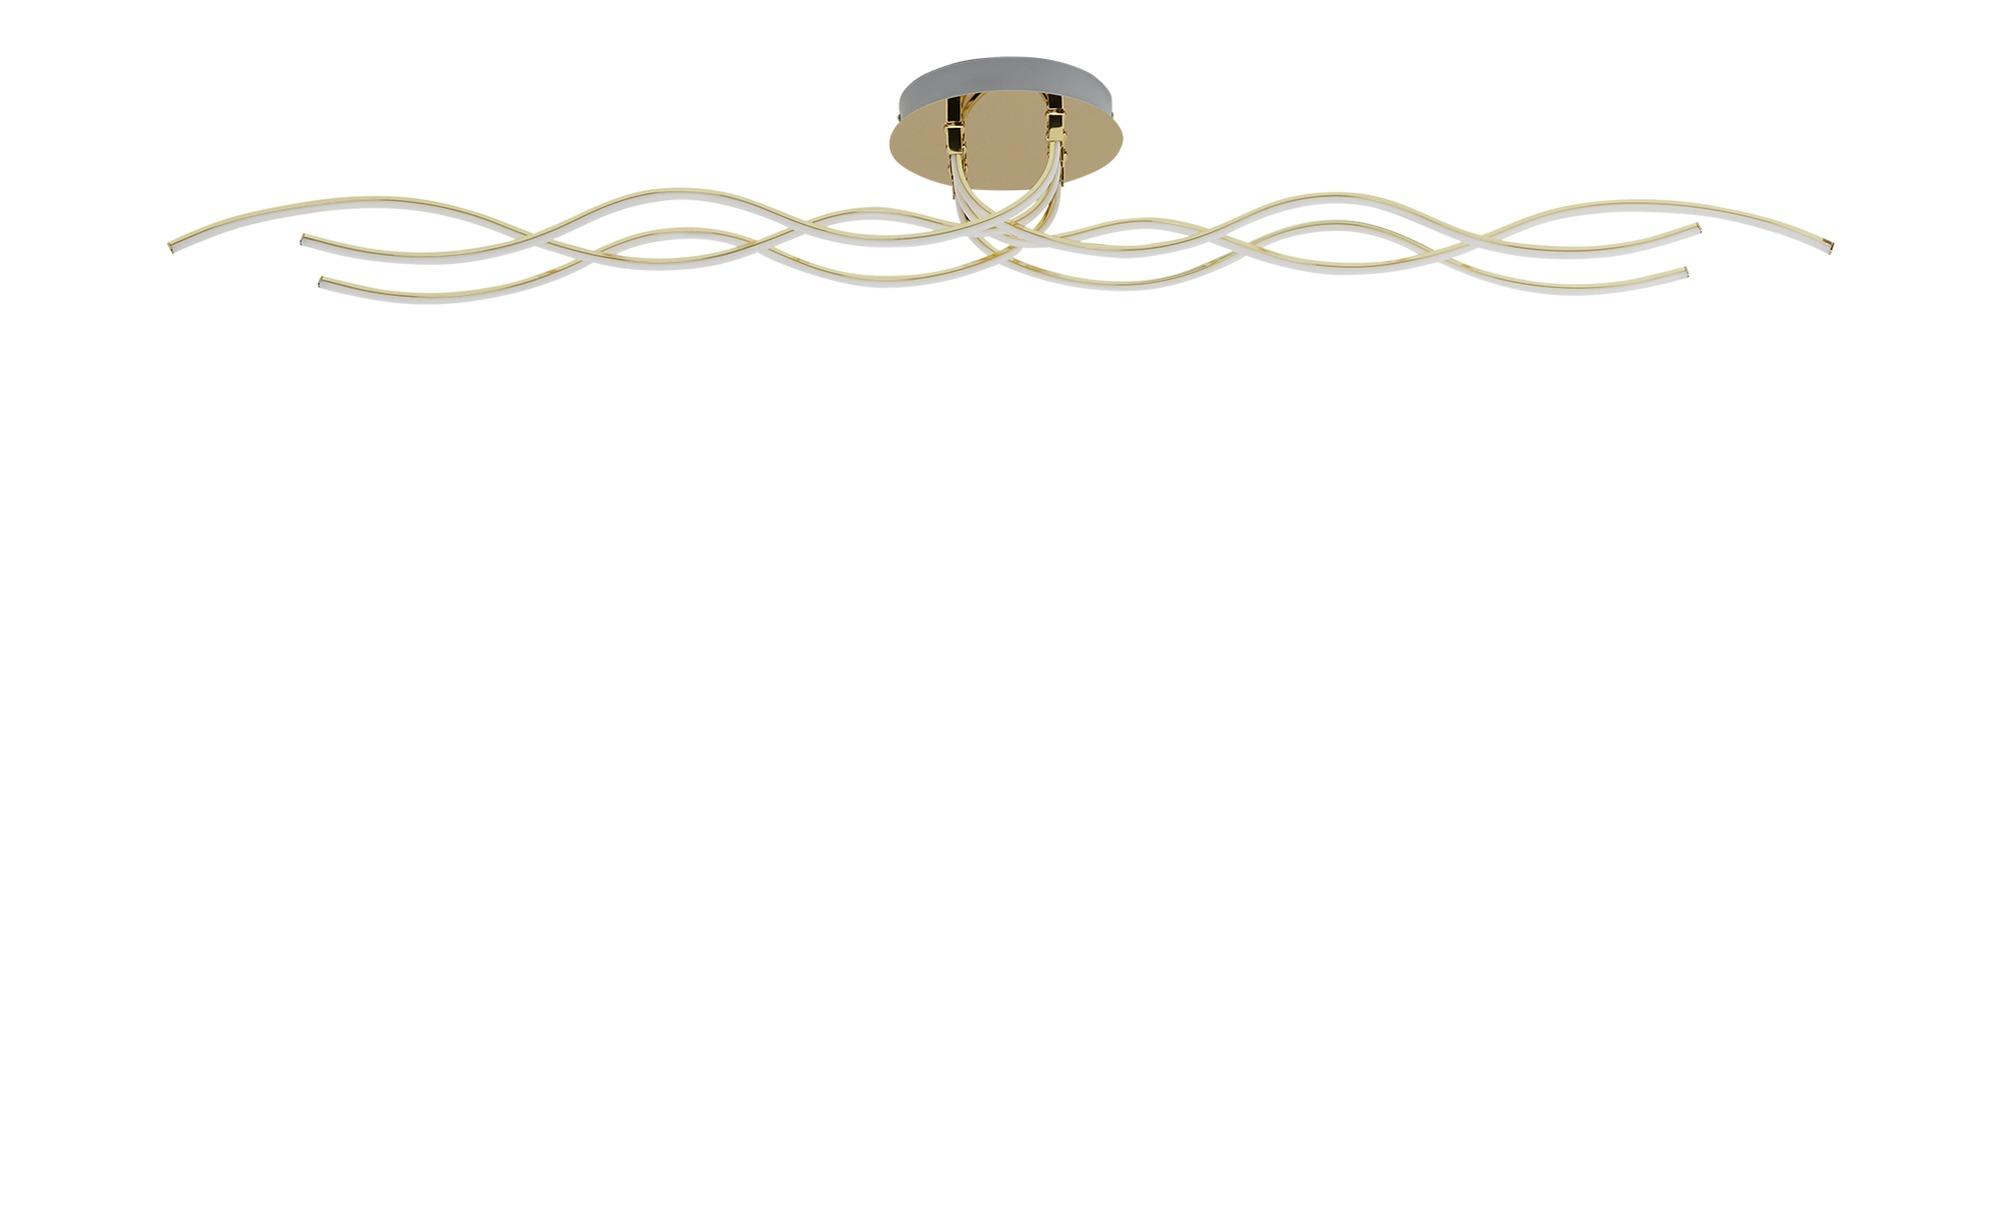 KHG LED-Deckenleuchte, 6-flammig, goldfarben ¦ gold ¦ Maße (cm): B: 20 H: 19 Lampen & Leuchten > Innenleuchten > Deckenleuchten - Höffner